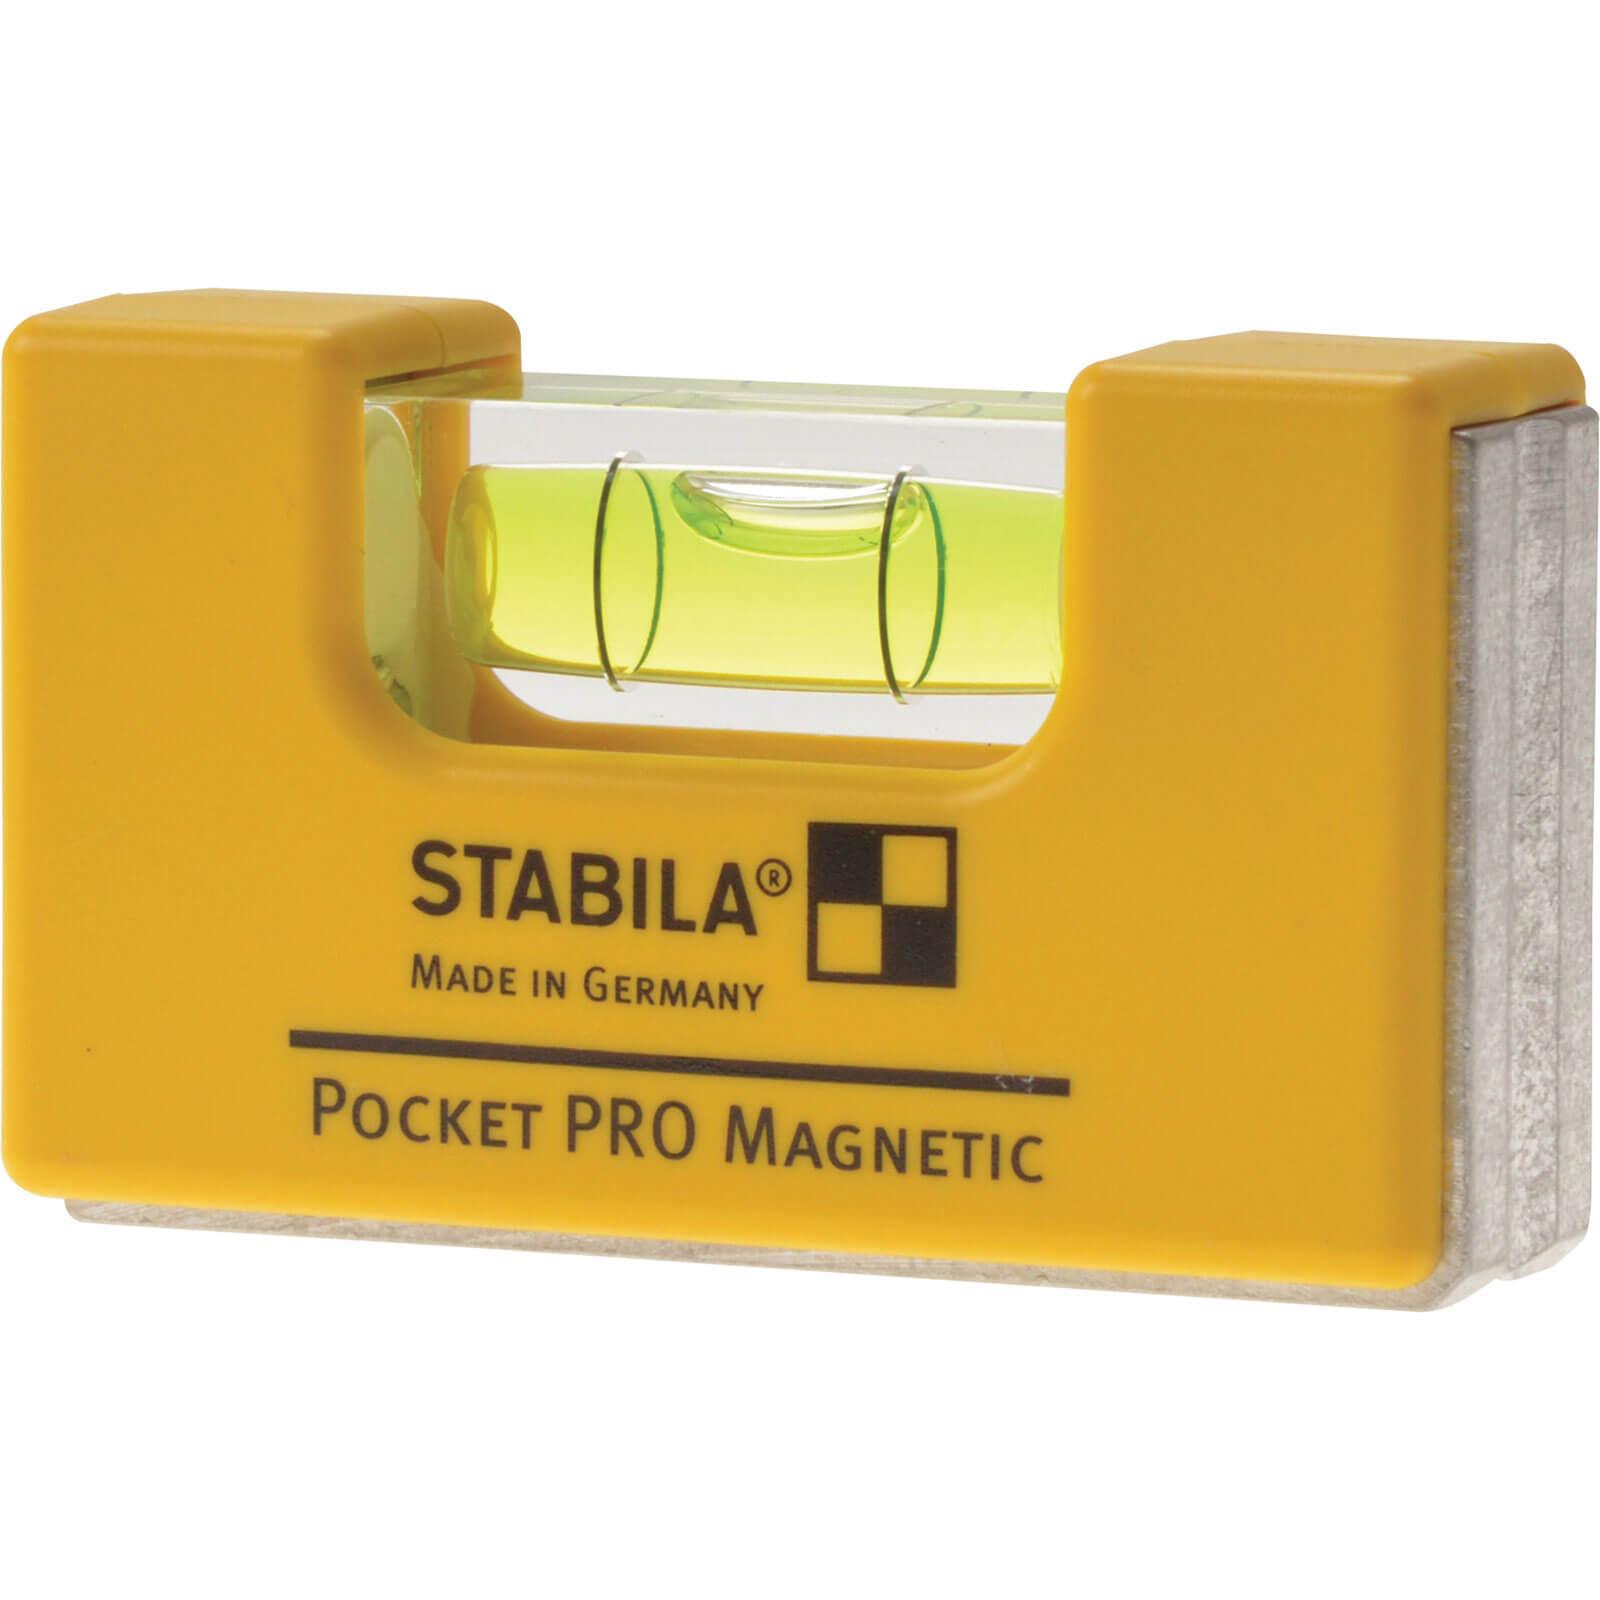 stabila level pack plus pocket level xms14levset. Black Bedroom Furniture Sets. Home Design Ideas